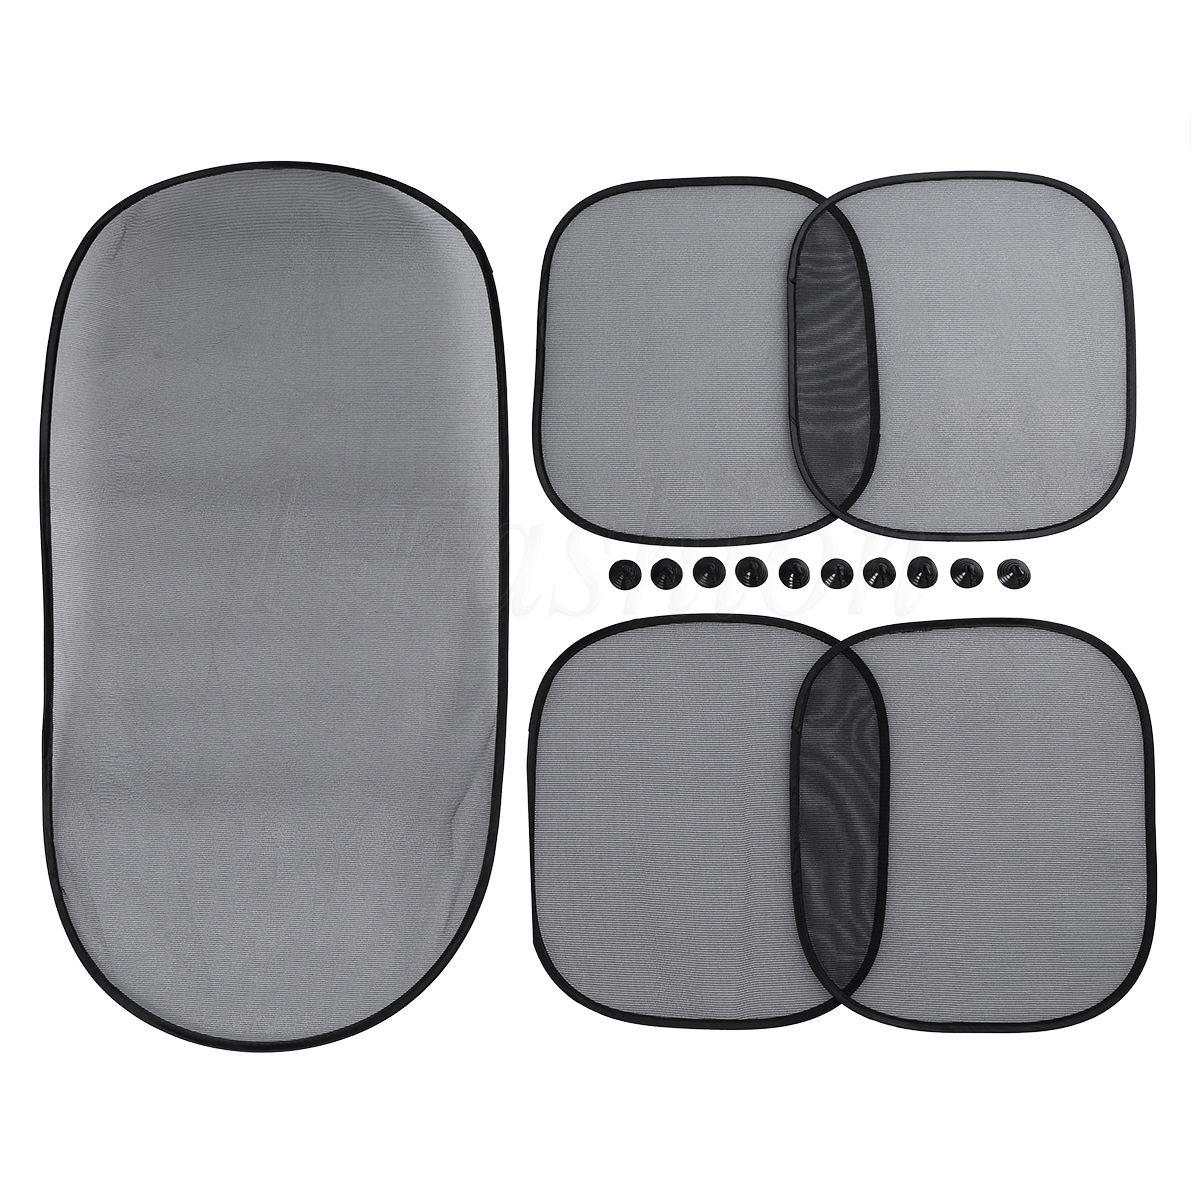 MAZIMARK--New 5Pcs Car Side&Rear Window Curtain Sun Shade Mesh Cover Visor Shield Sunshade